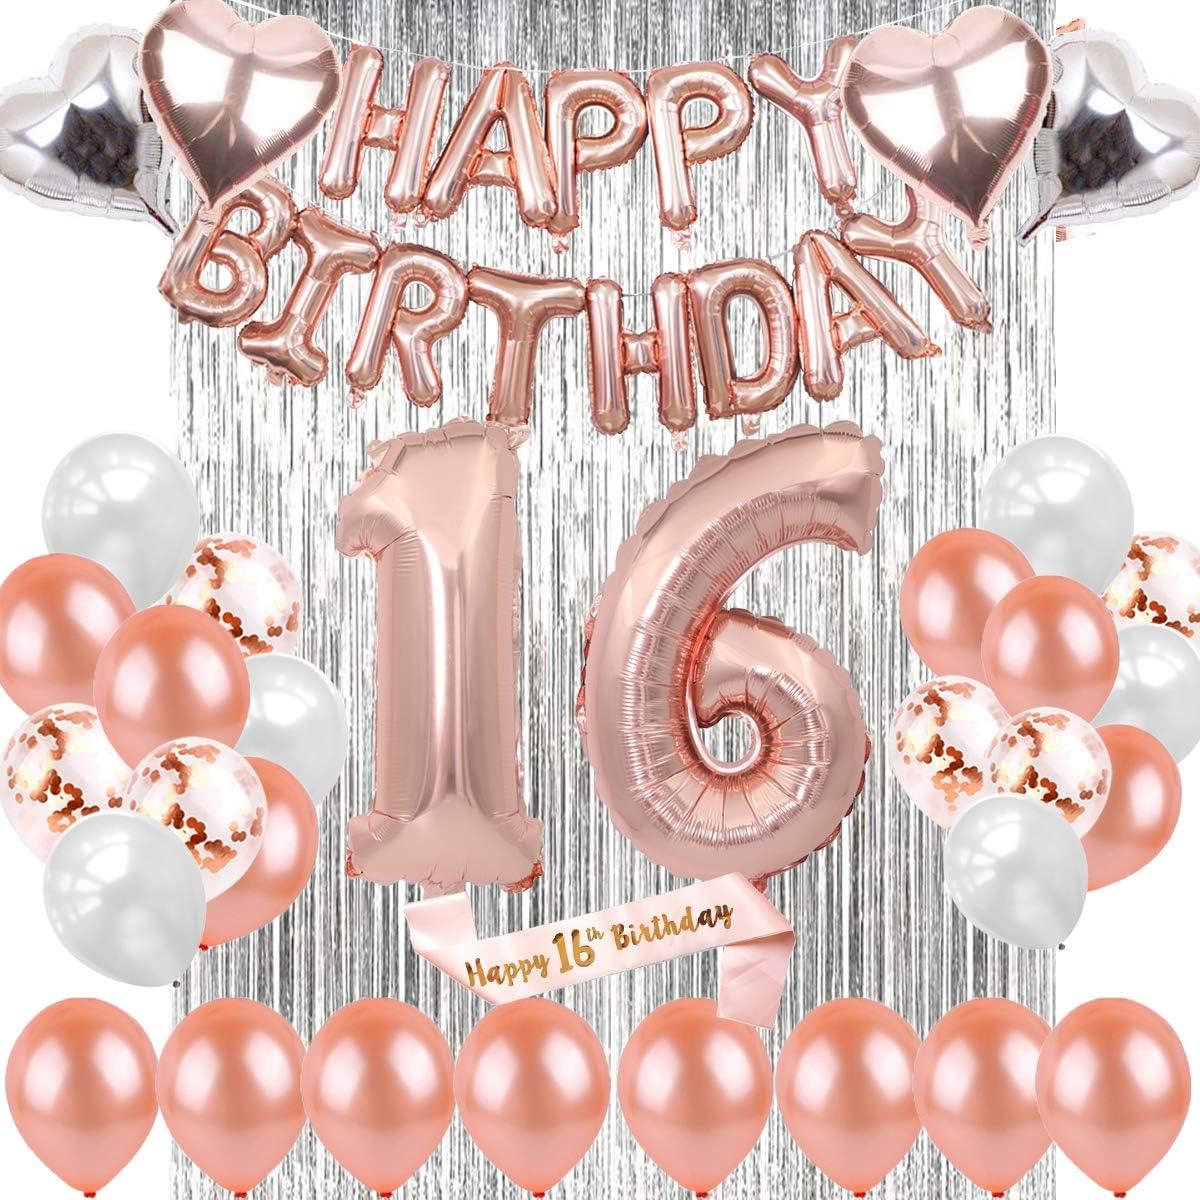 Sancuanyi 16 Geburtstag Dekoration Rosegold Deko 16 Geburtstag Mädchen Happy Birthday Ballons Banner 16 Deko Geburtstag Für Mädchen Und Jungen Spielzeug